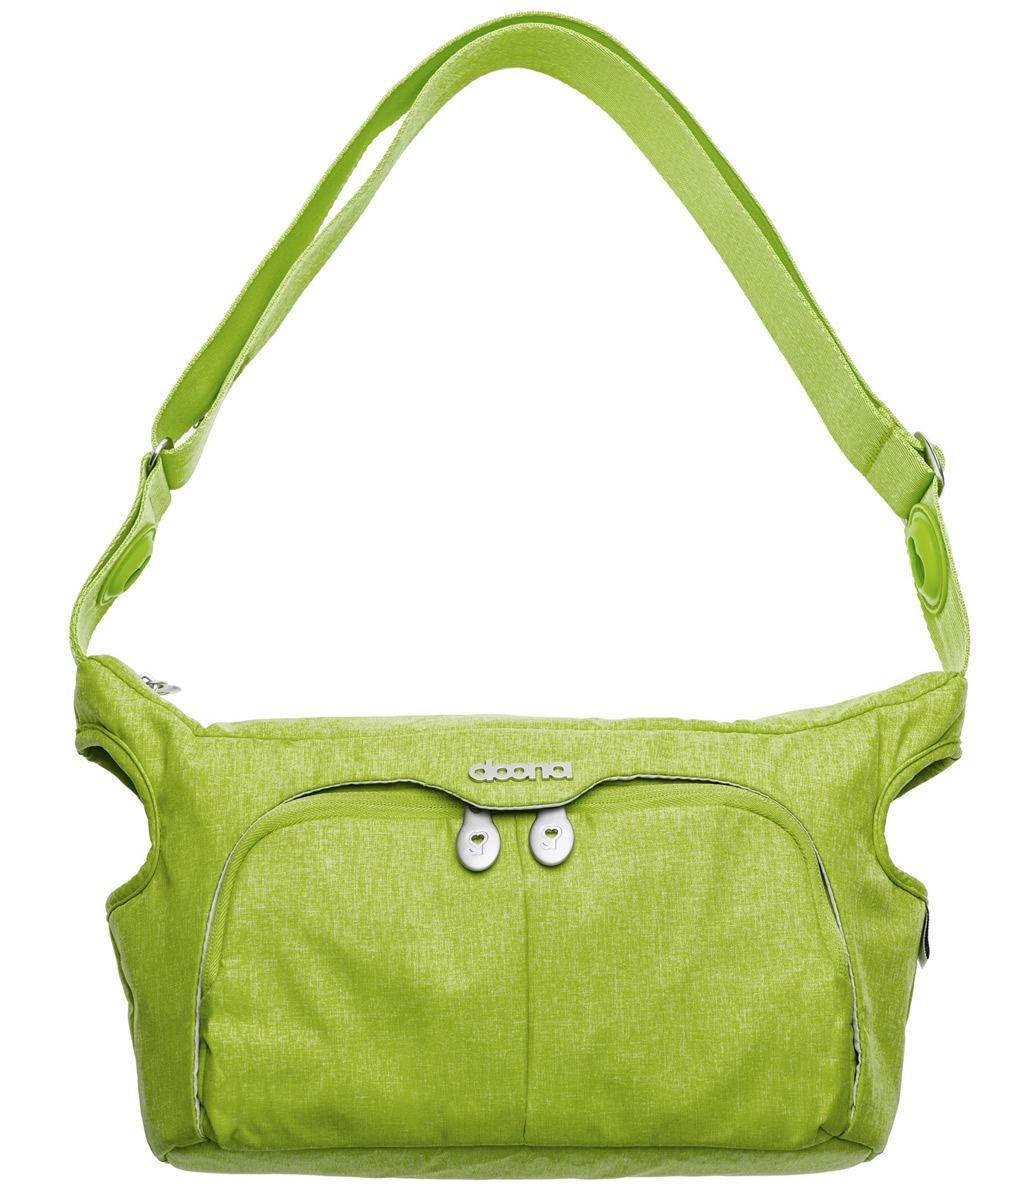 Doona Essentials Bag Fresh (Green) Bags, Car